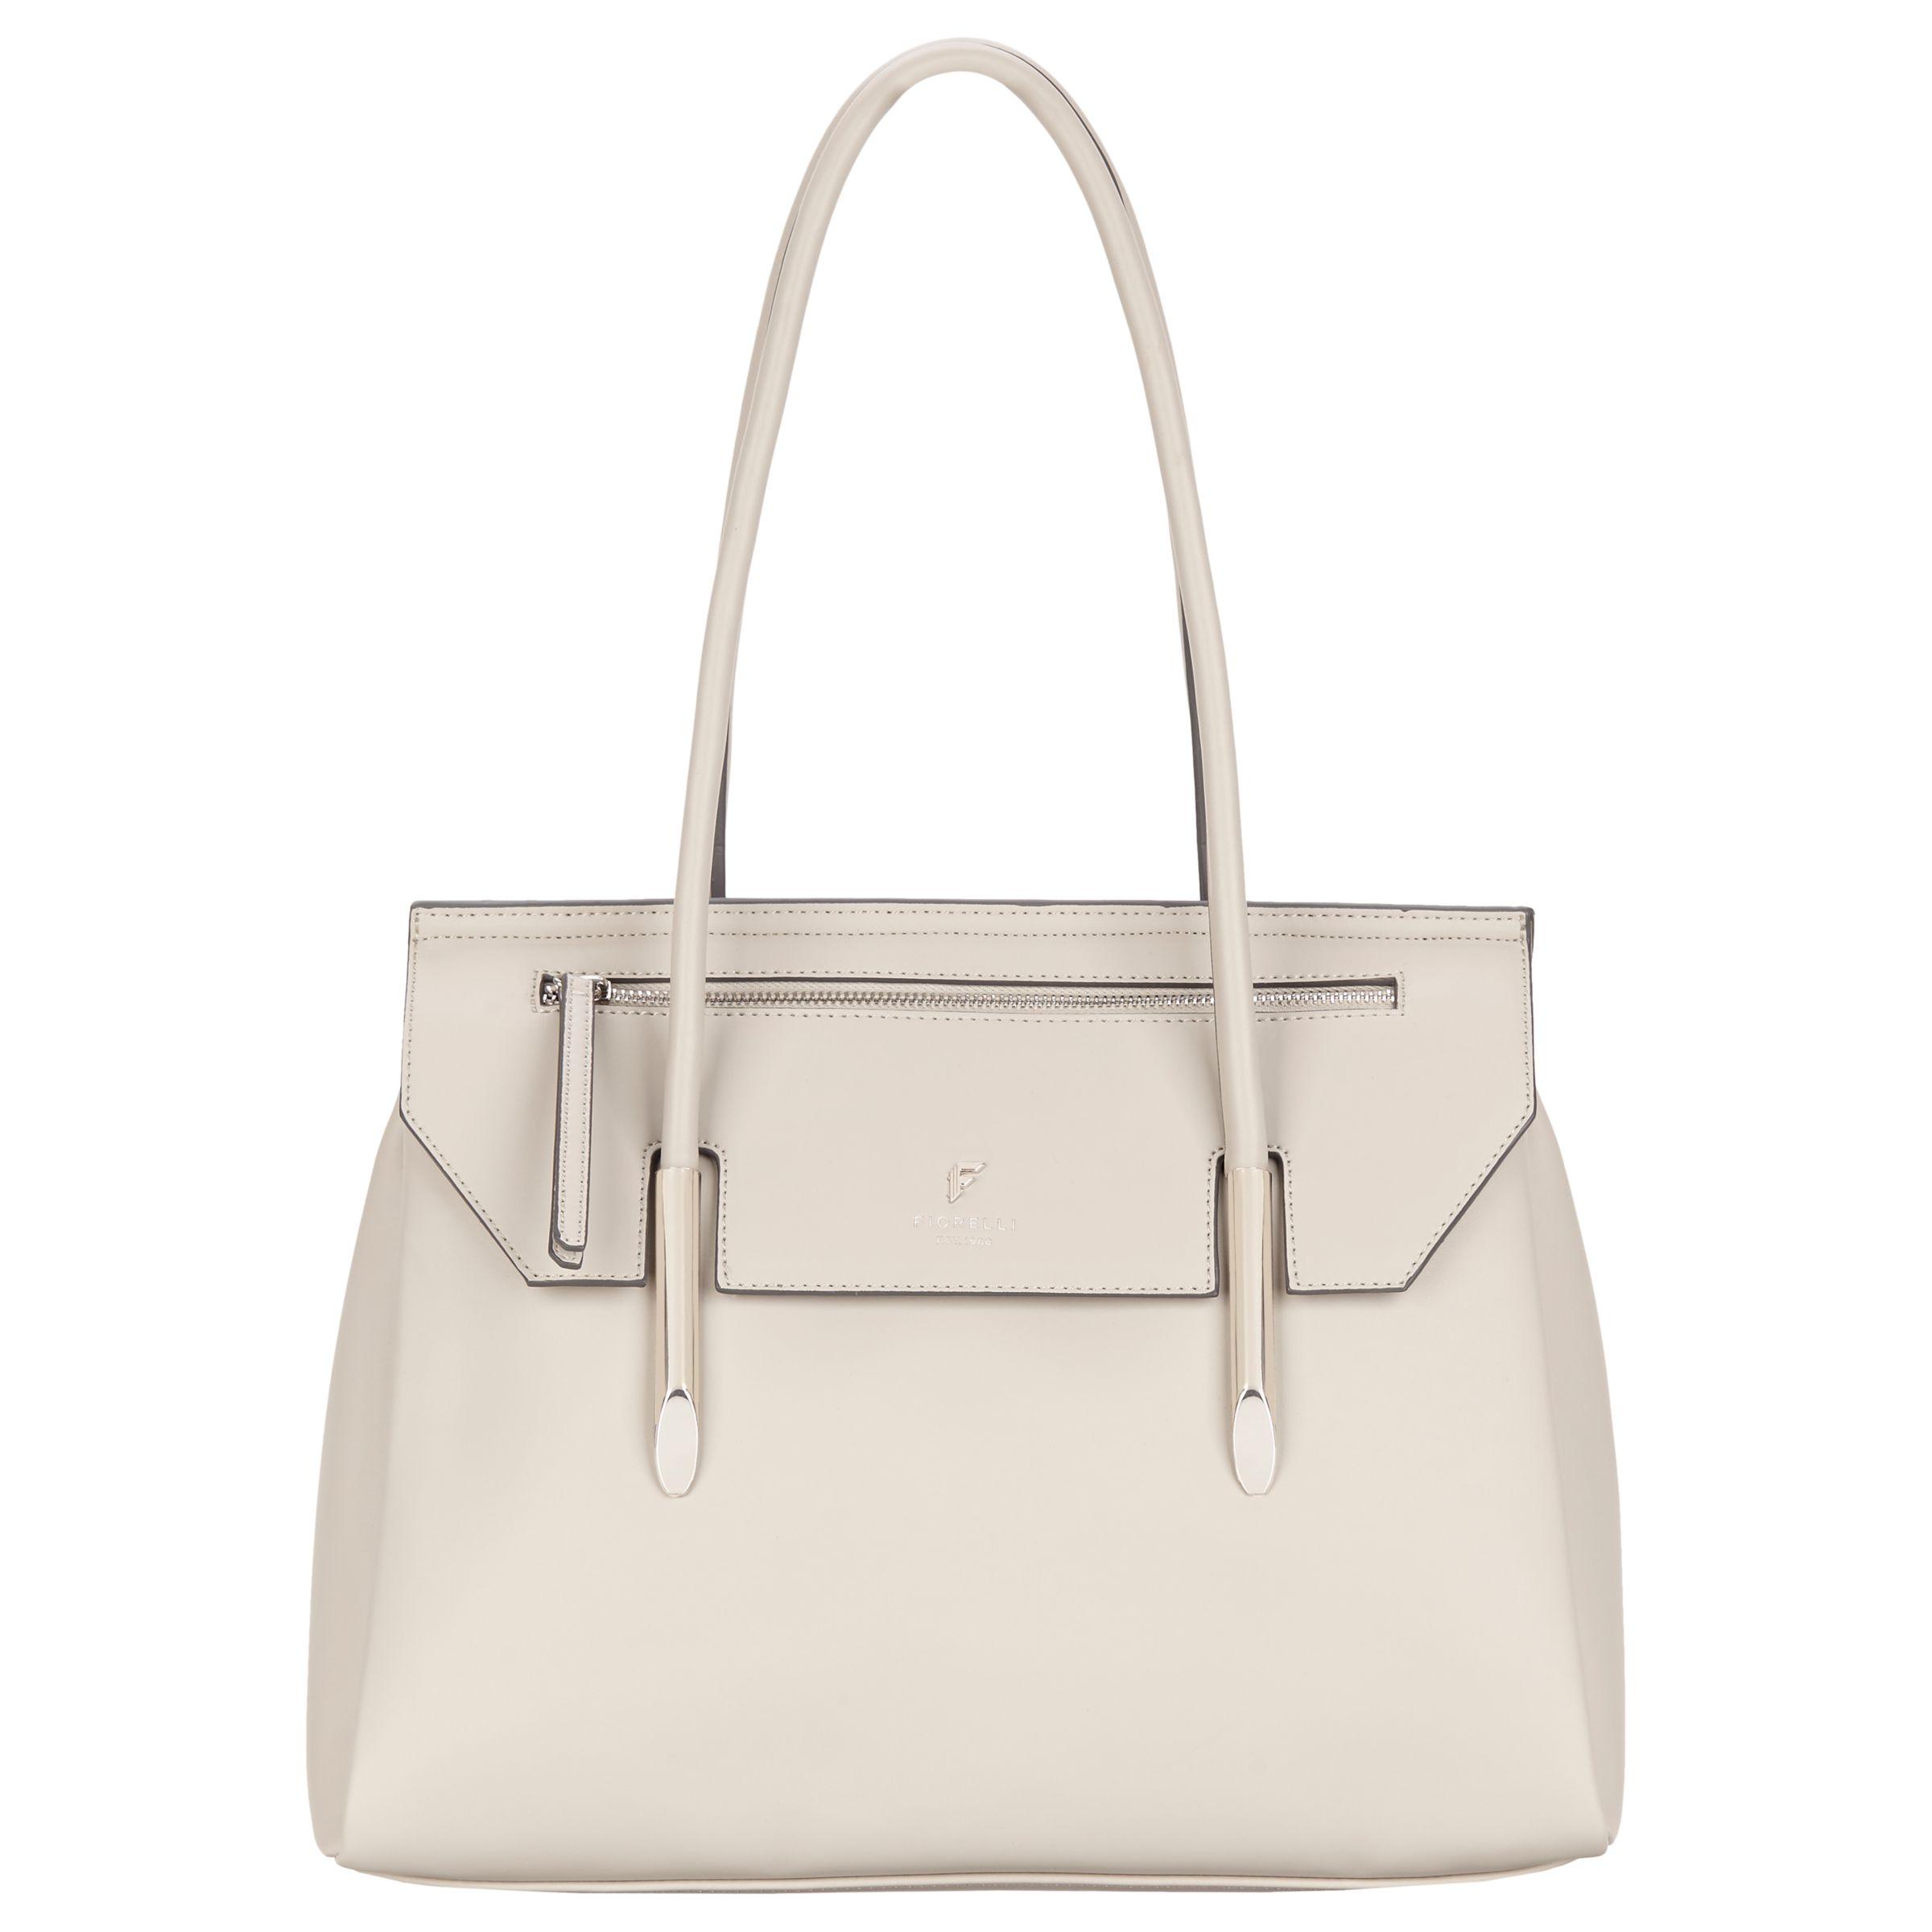 Fiorelli Fiorelli Carlton Tote Bag, Misty Grey